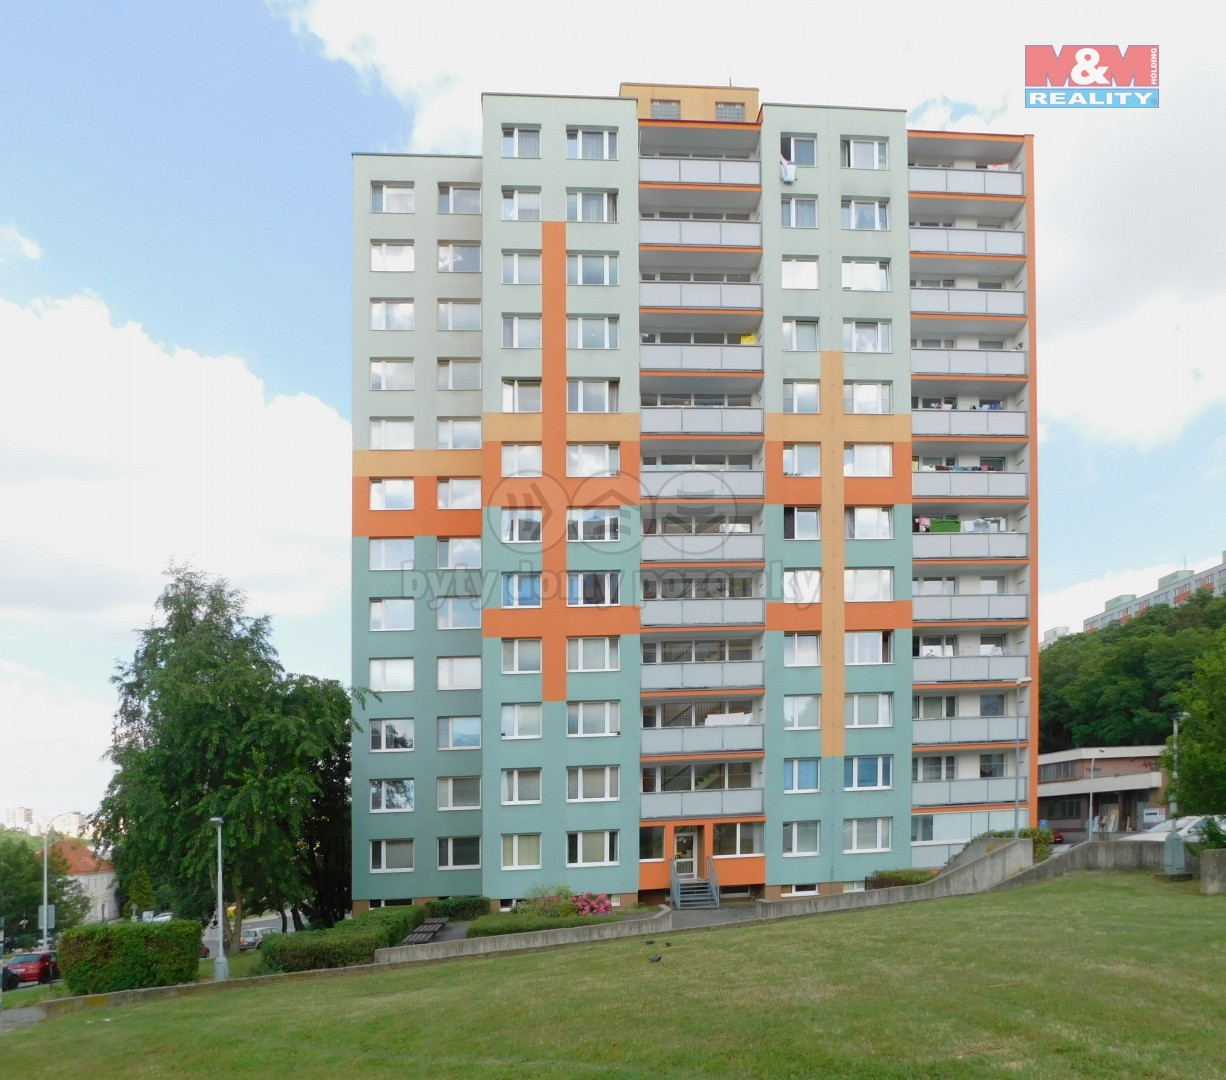 Prodej, byt 2+kk, 46 m2, Praha 4 - Michle, ul. Ohradní